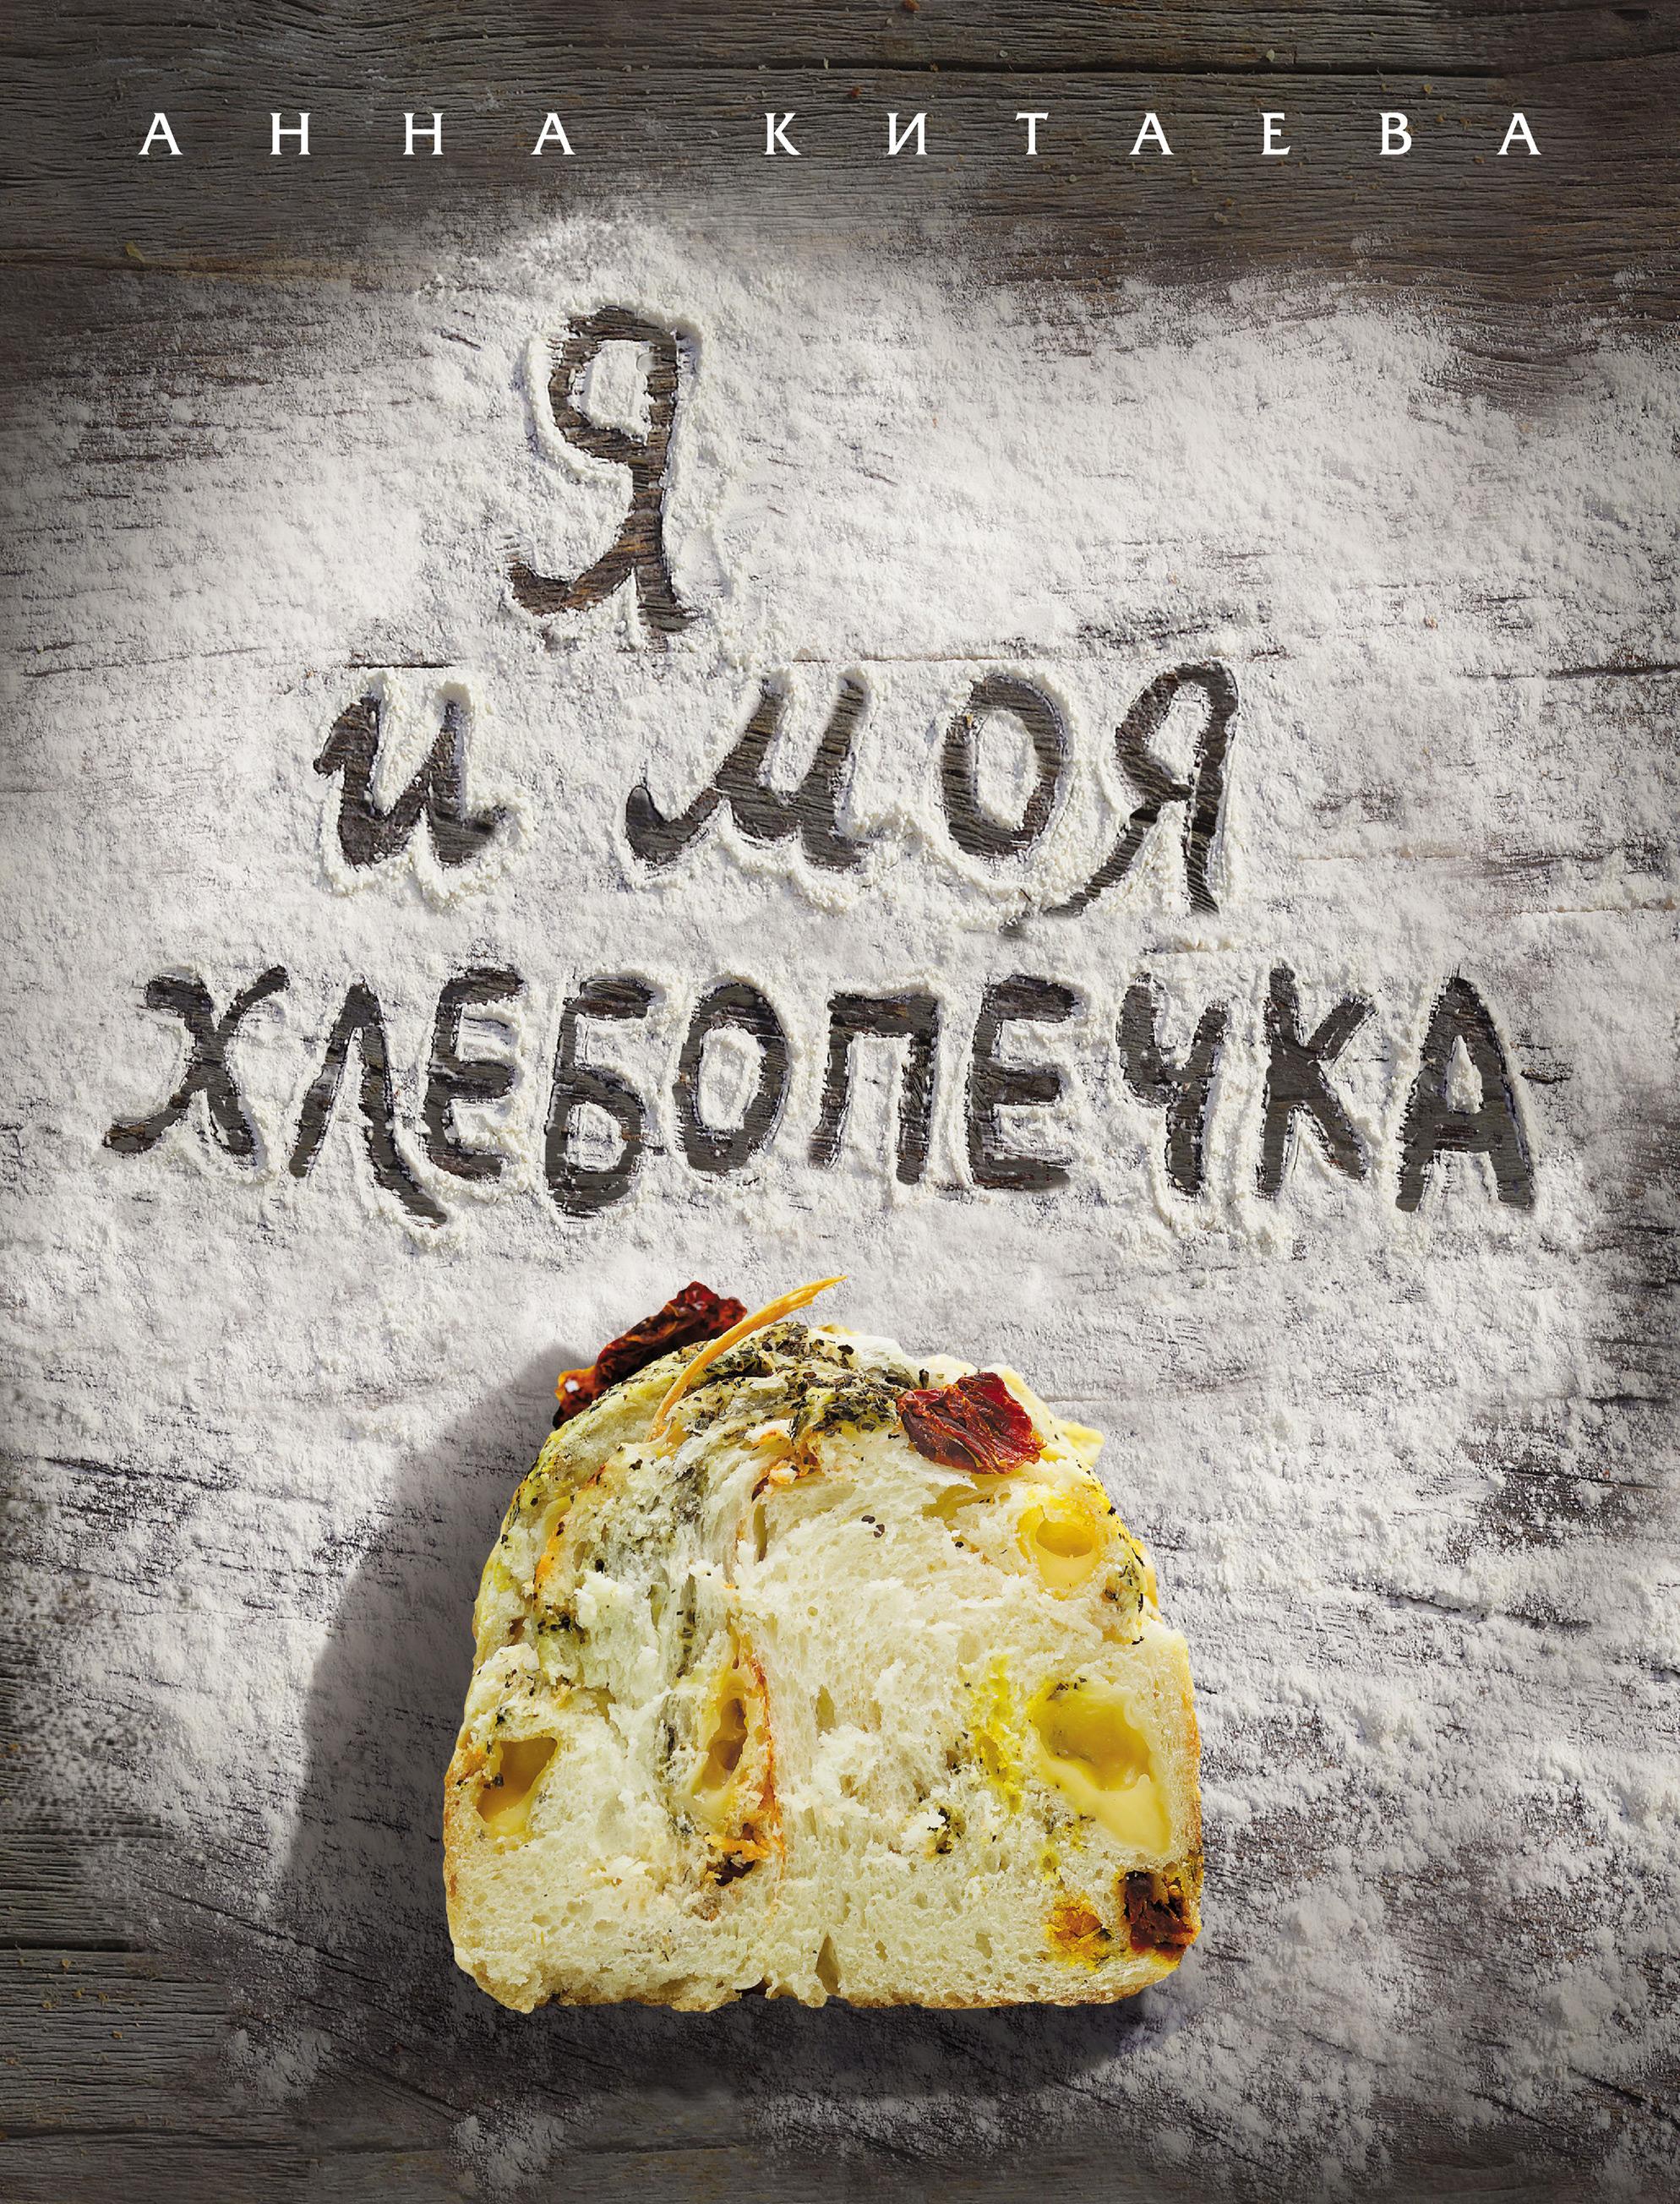 Анна Китаева Я и моя хлебопечка анна китаева я и моя хлебопечка искусство домашнего хлеба